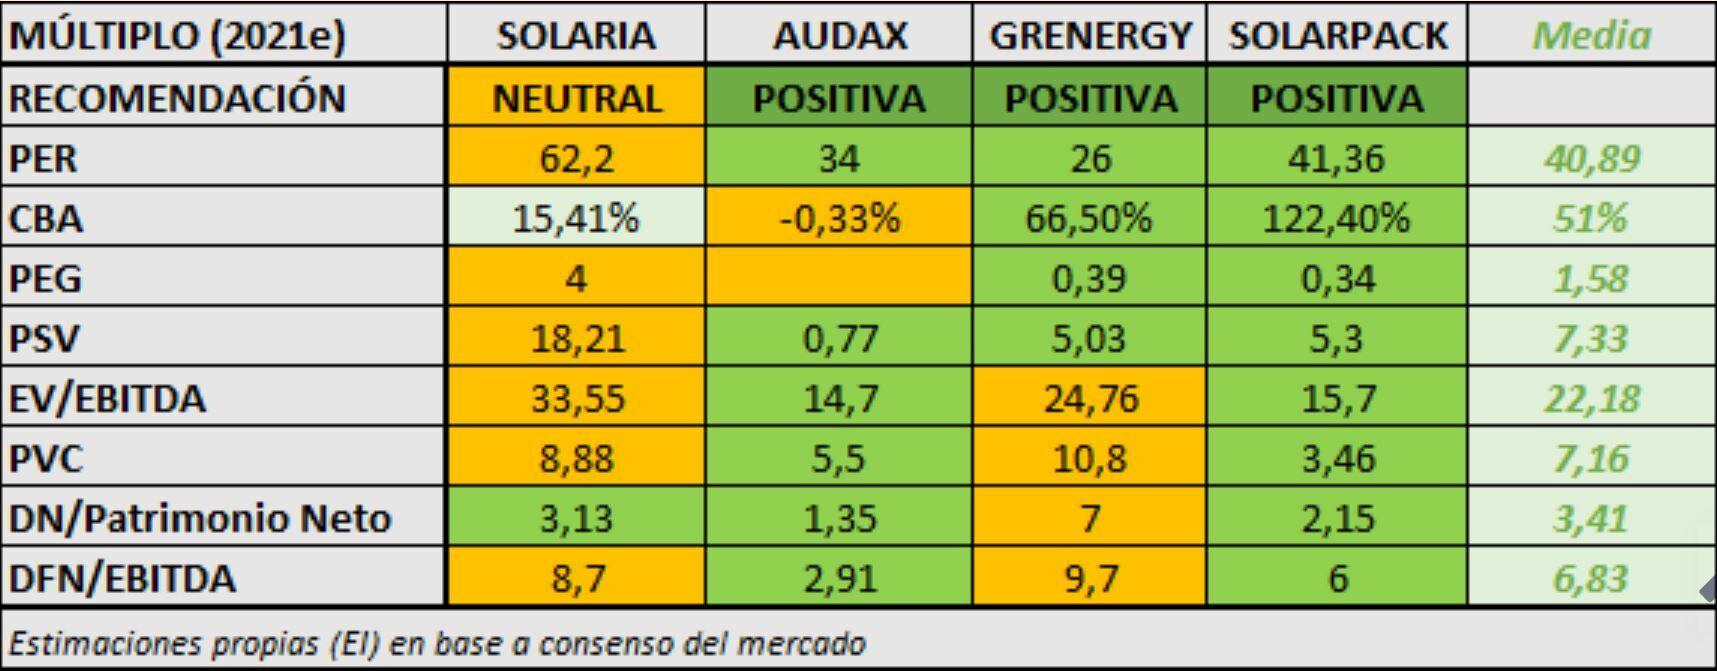 Podstawowe dane Audax